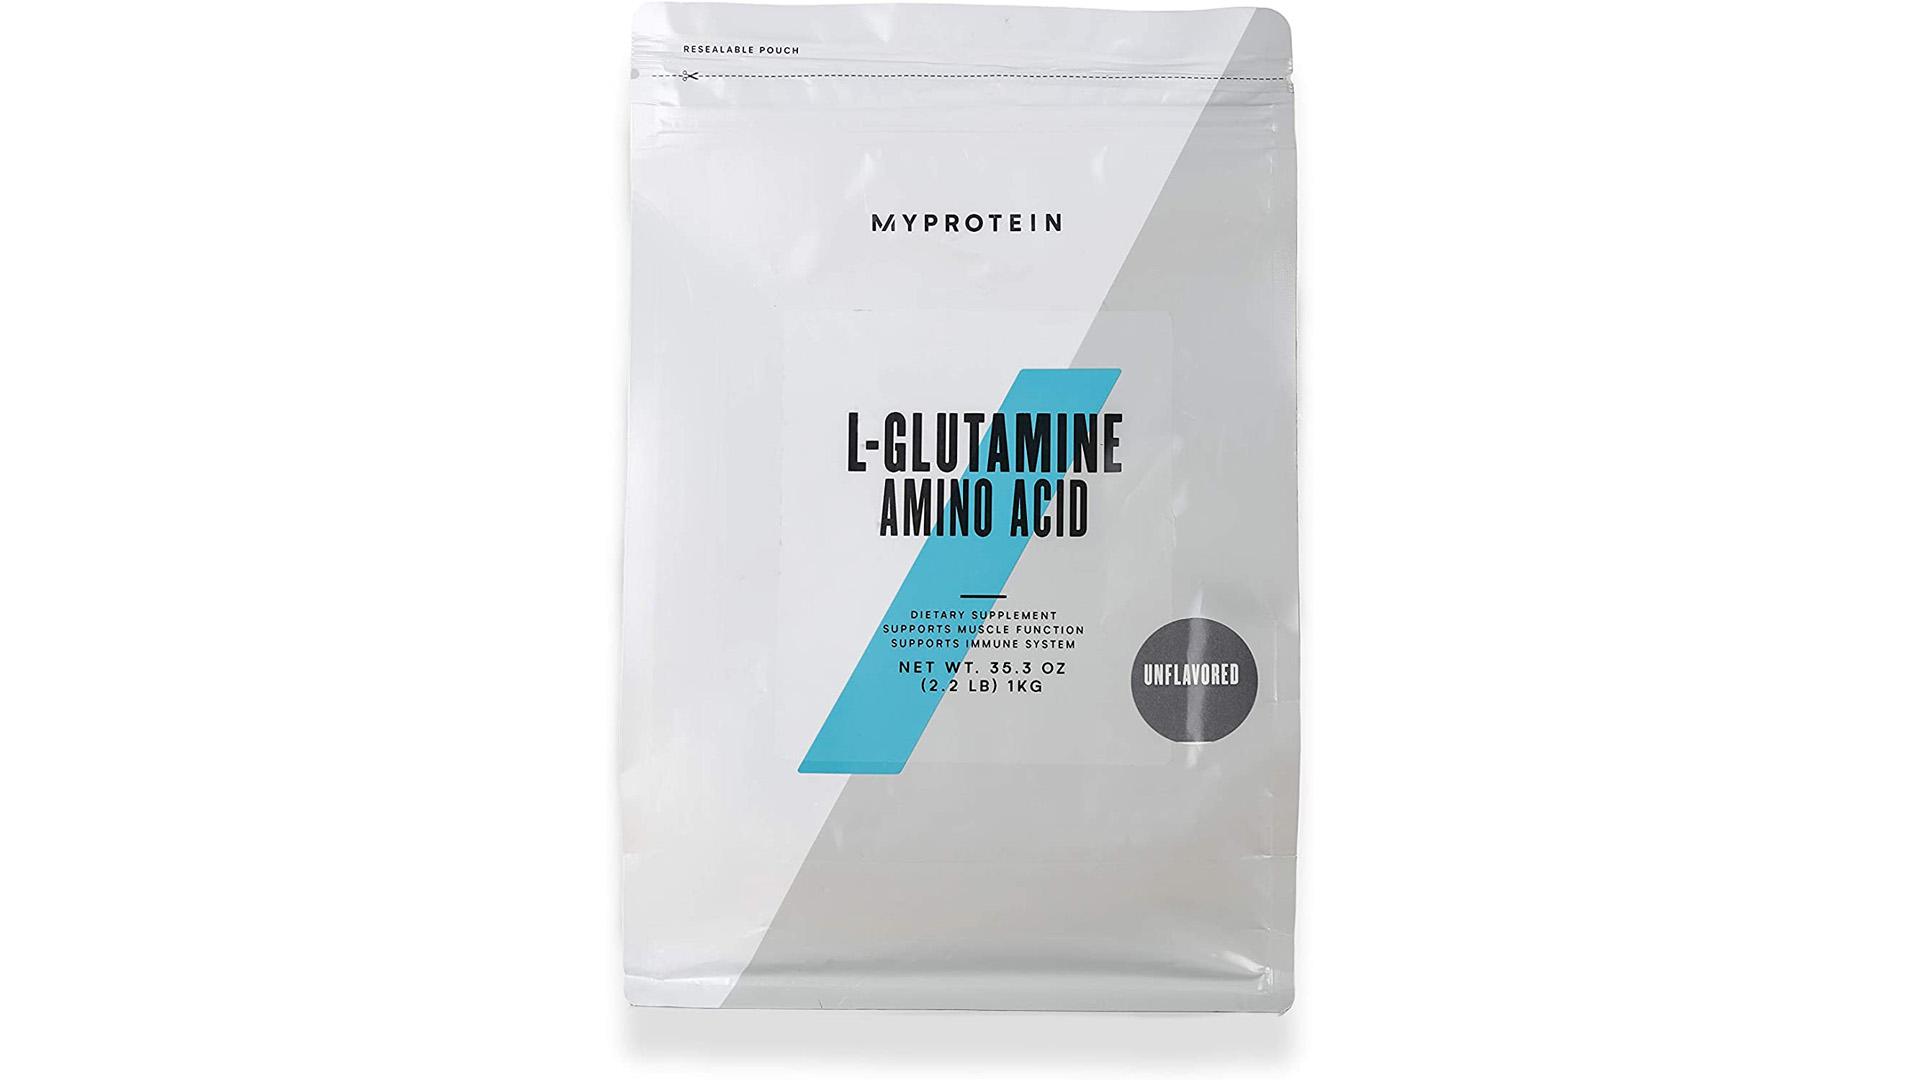 My Protein Supplement Powder